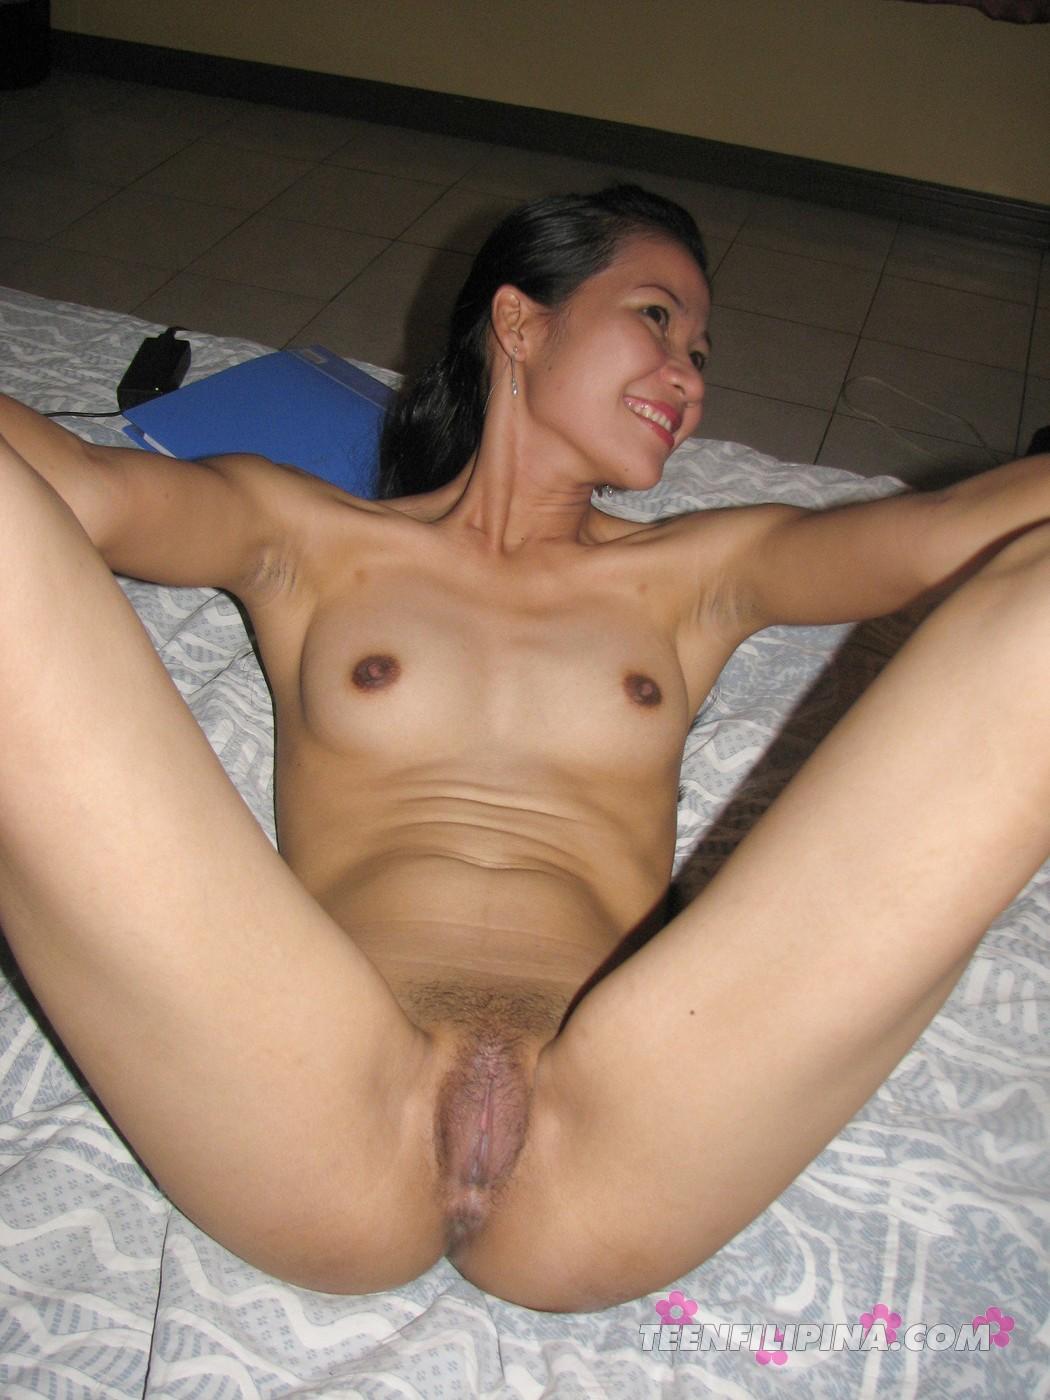 White girls wet pussy pics